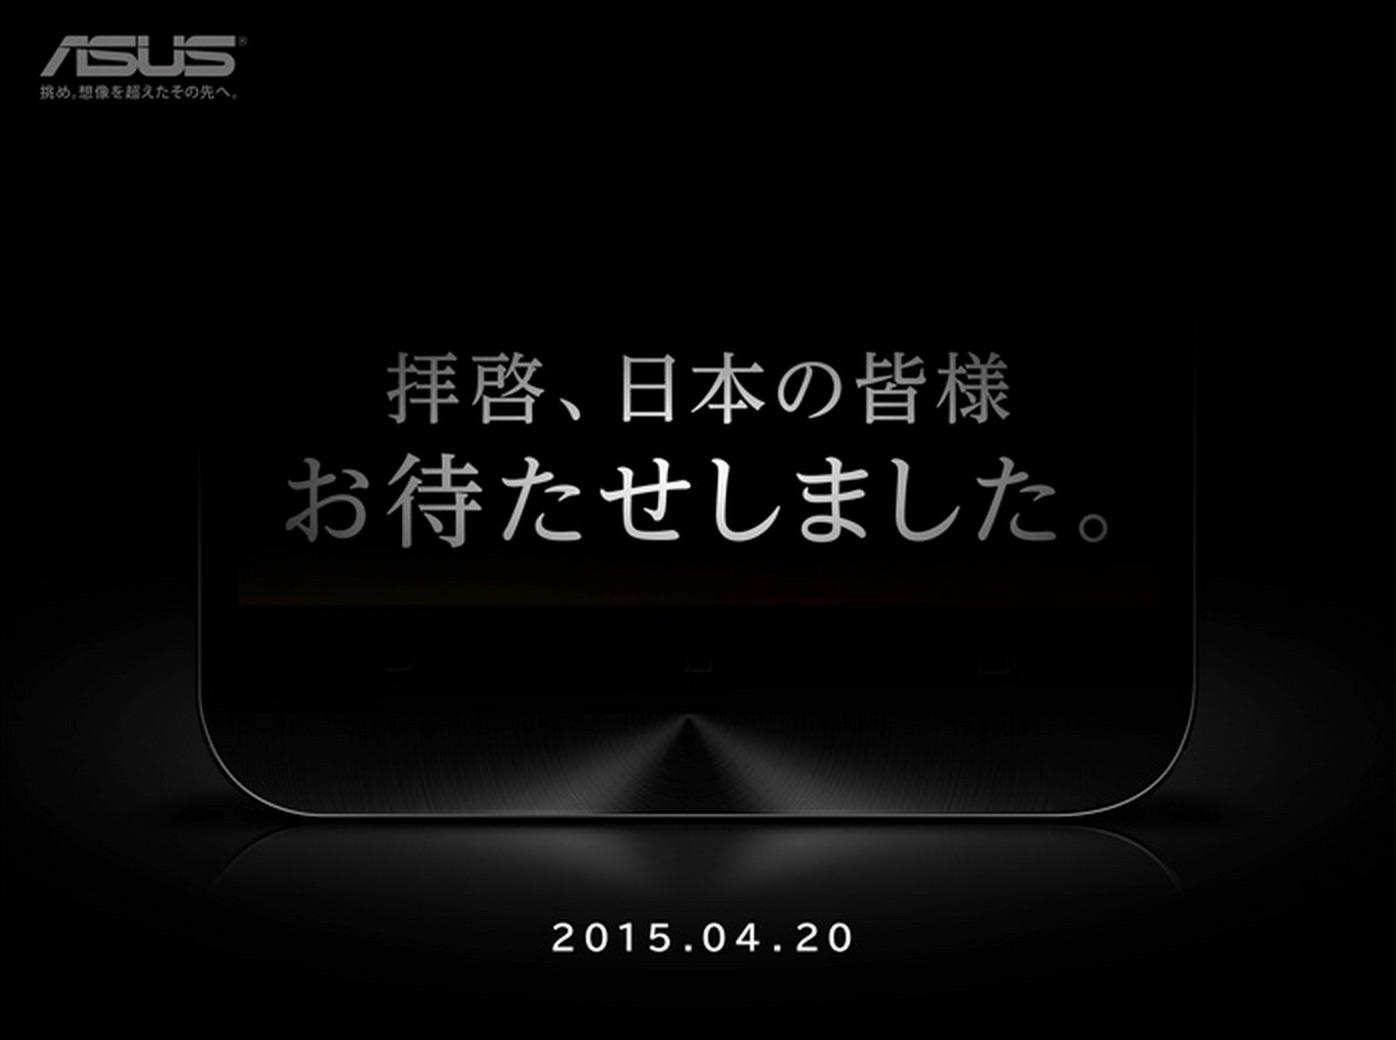 ZenFone 2が4月20日に正式発表へ――プレゼント企画も実施